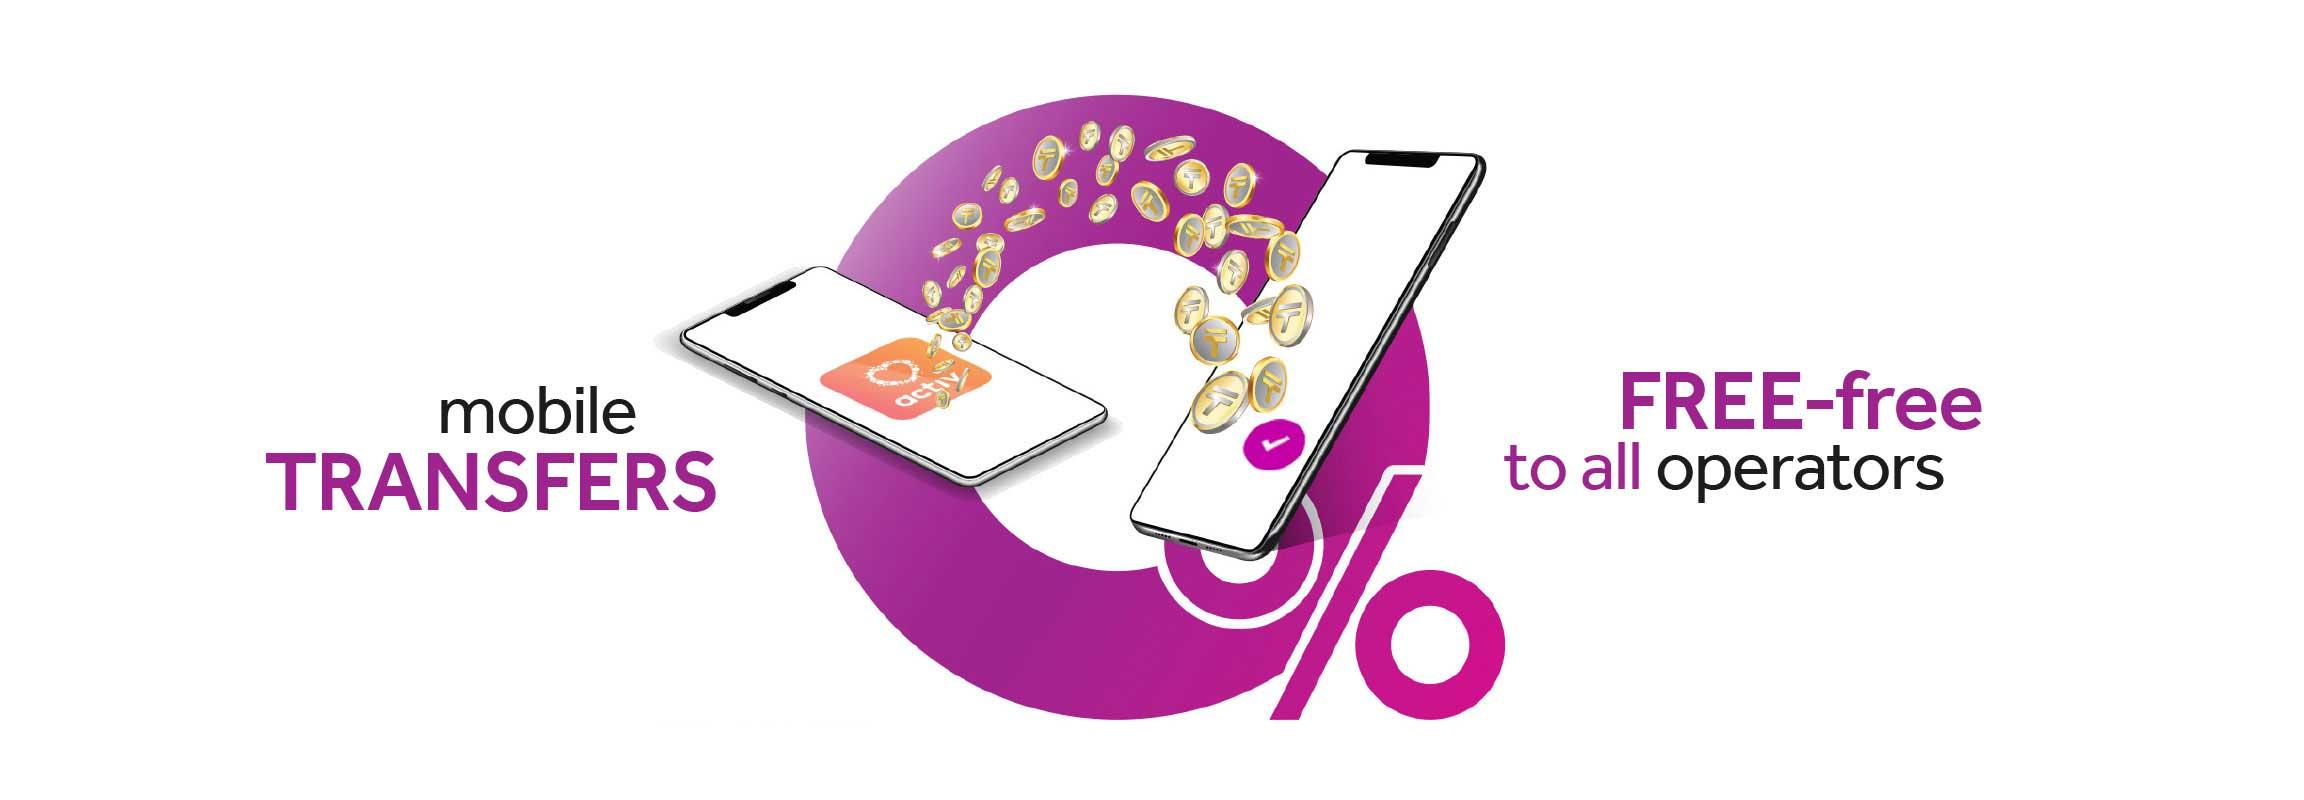 mobile_transfer